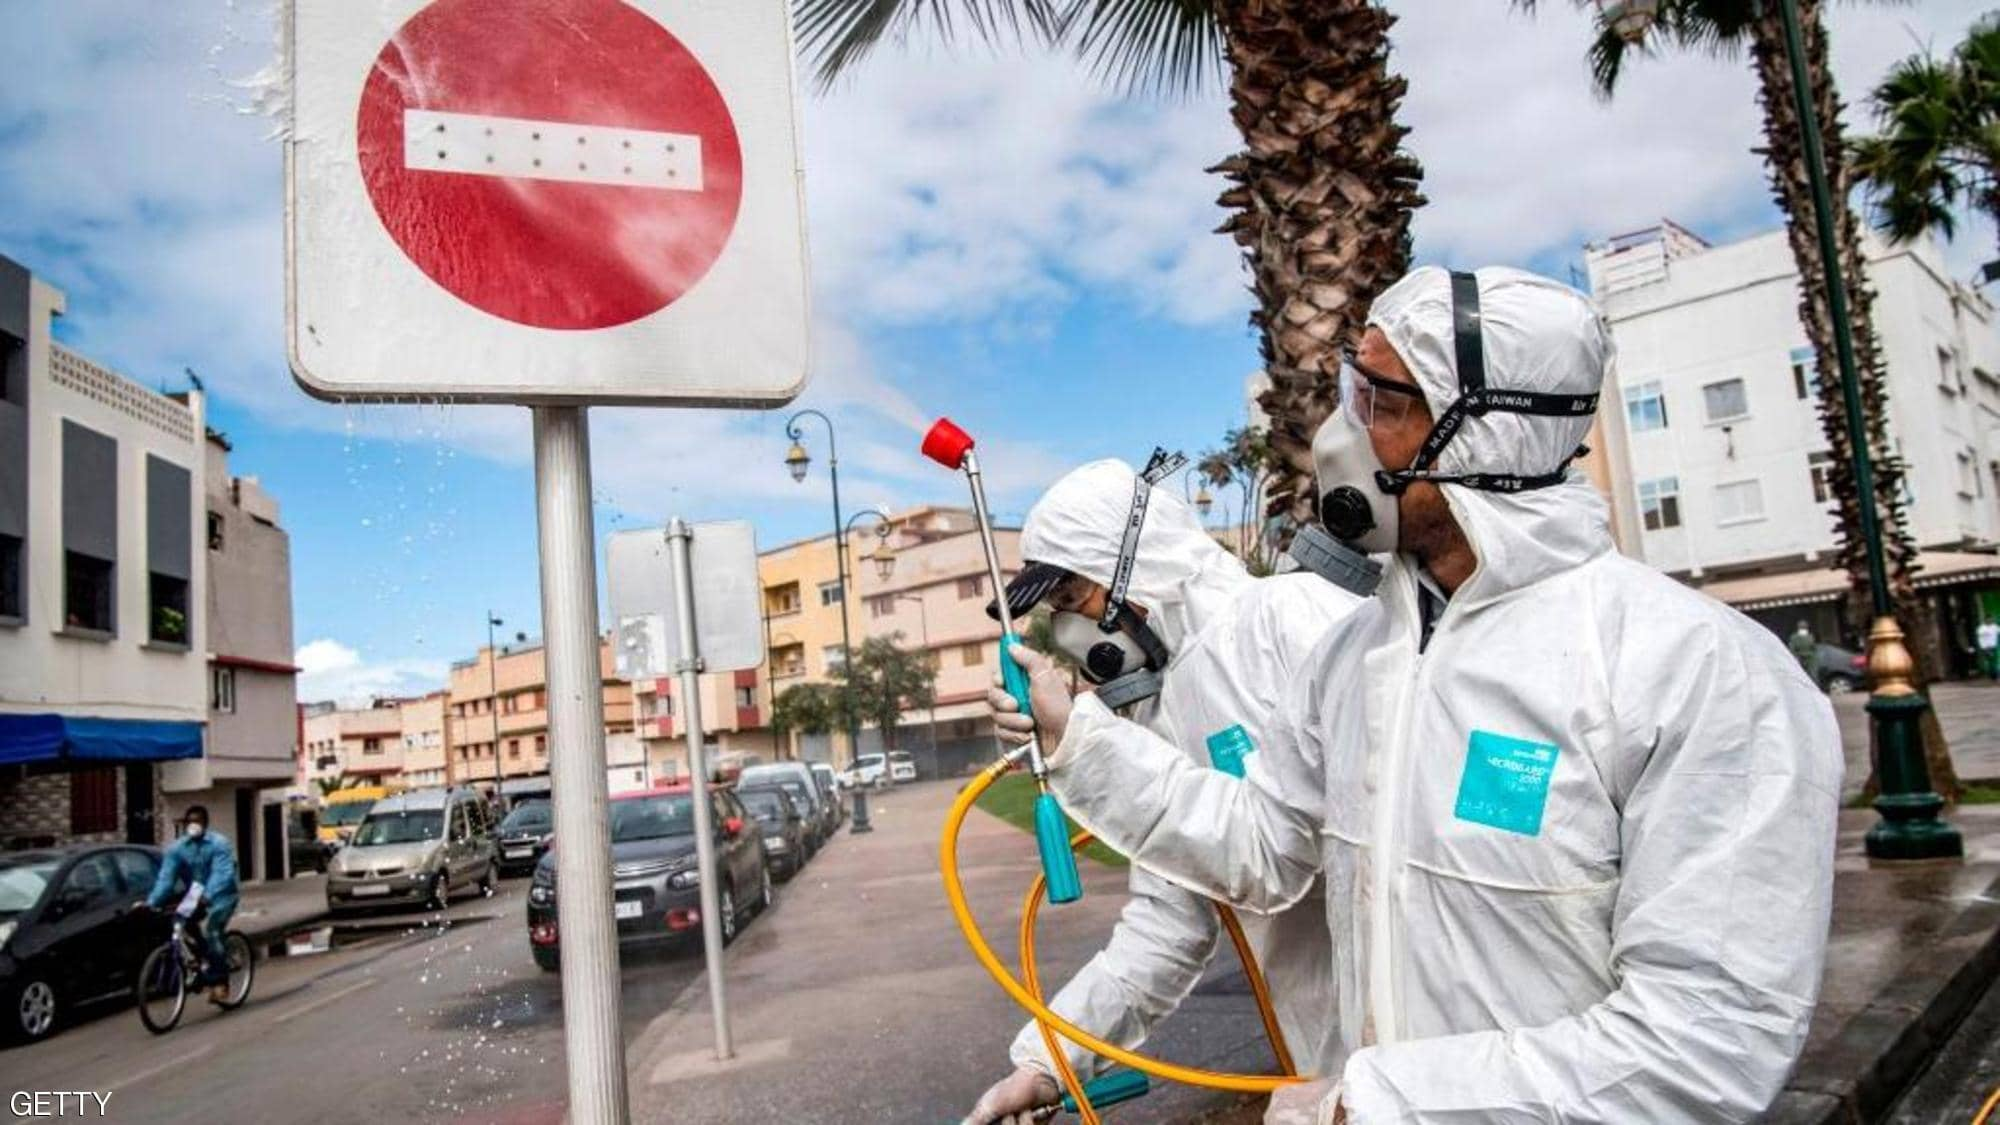 بؤرة مهنية بآسفي ترفع حالات الإصابة بكورونا في المغرب